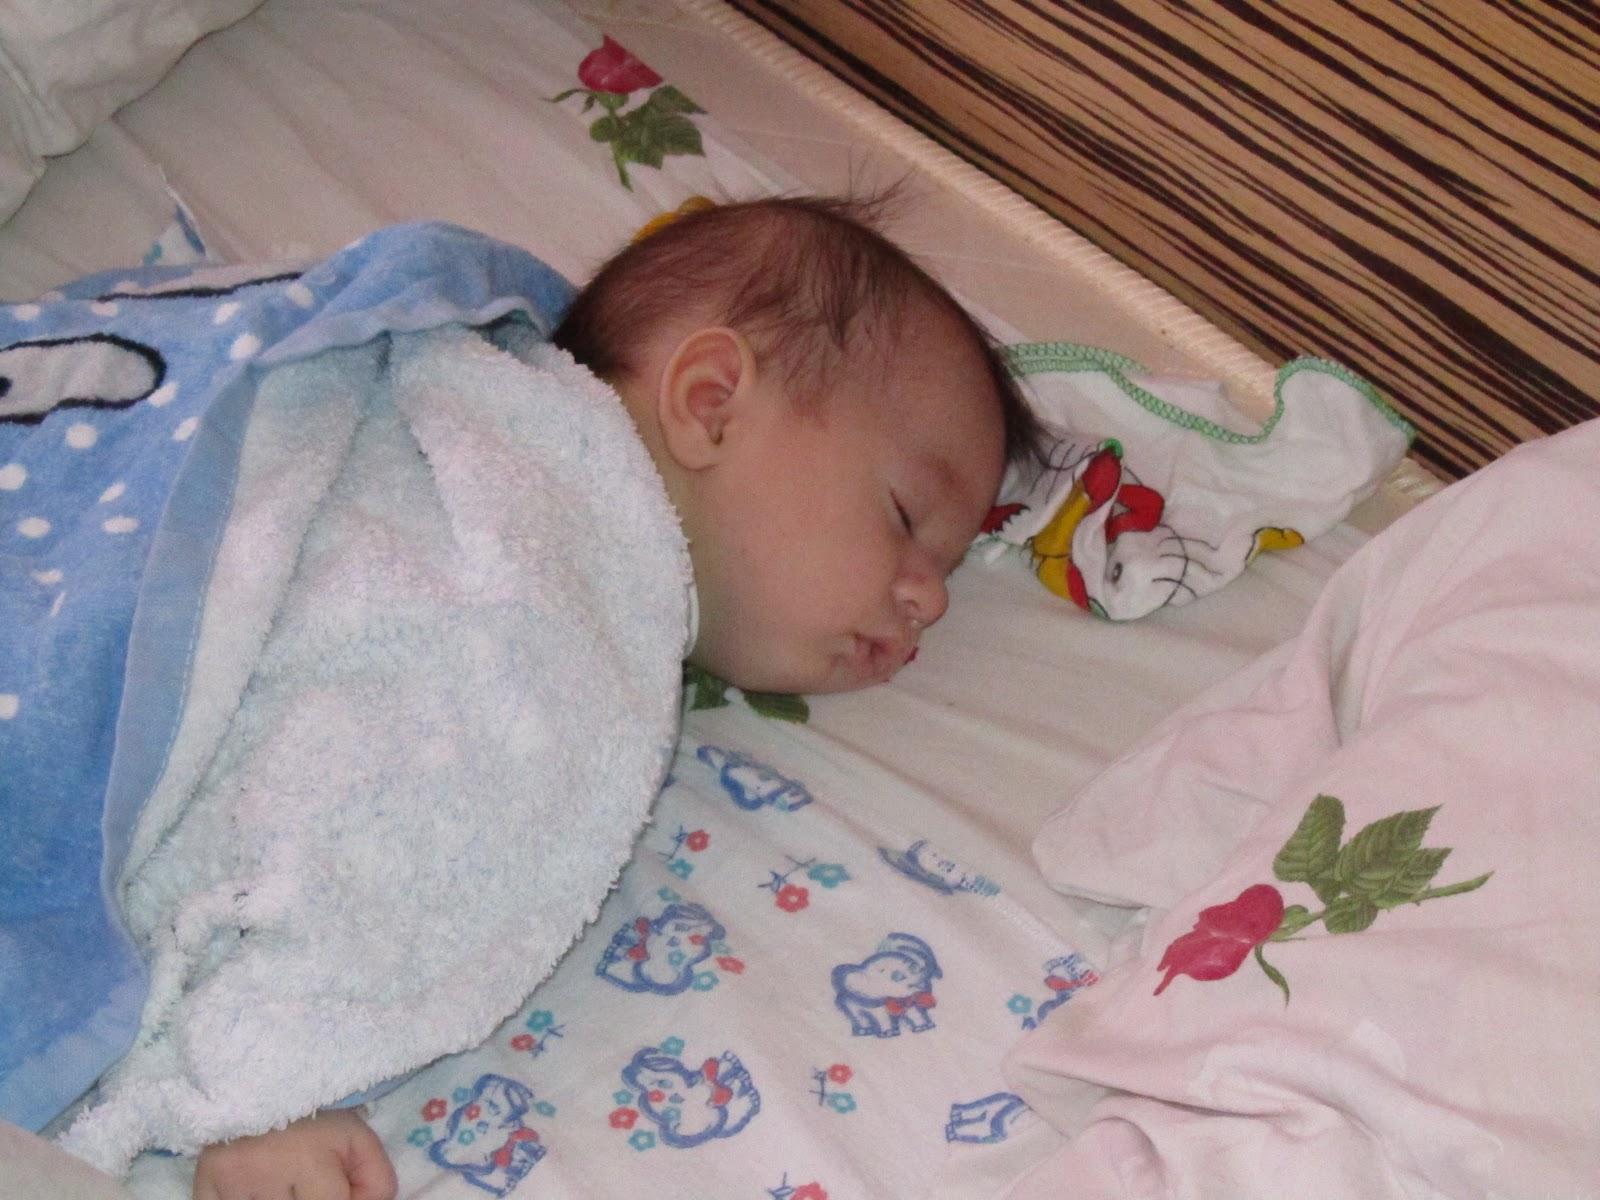 Фото как новорожденный ребенок спит в кроватке